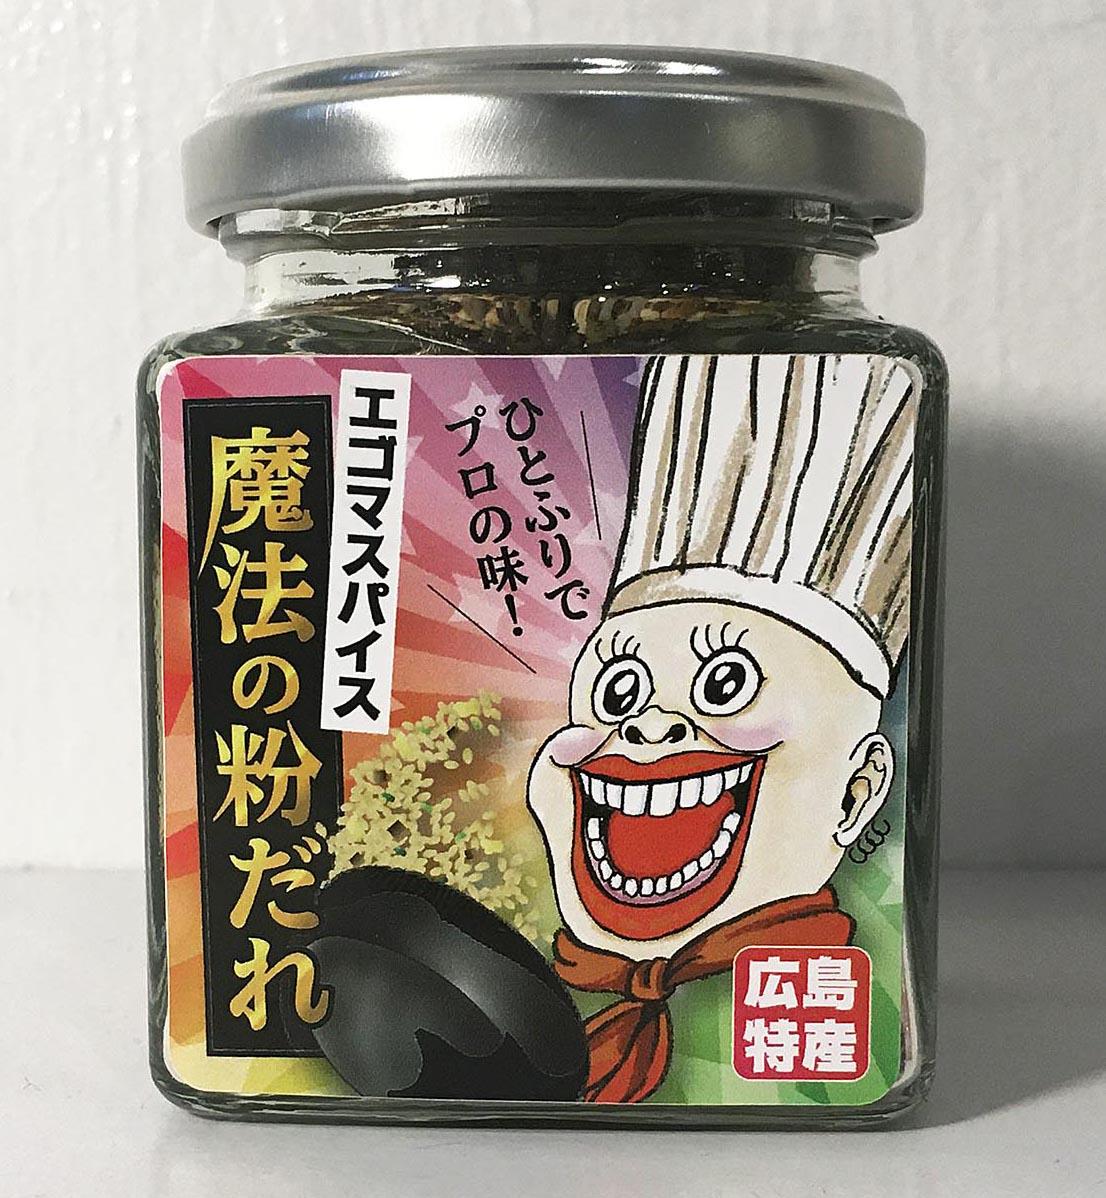 ひとふりでプロの料理に変わる魔法の粉!!【広島特産】エゴマスパイス 魔法の粉だれ